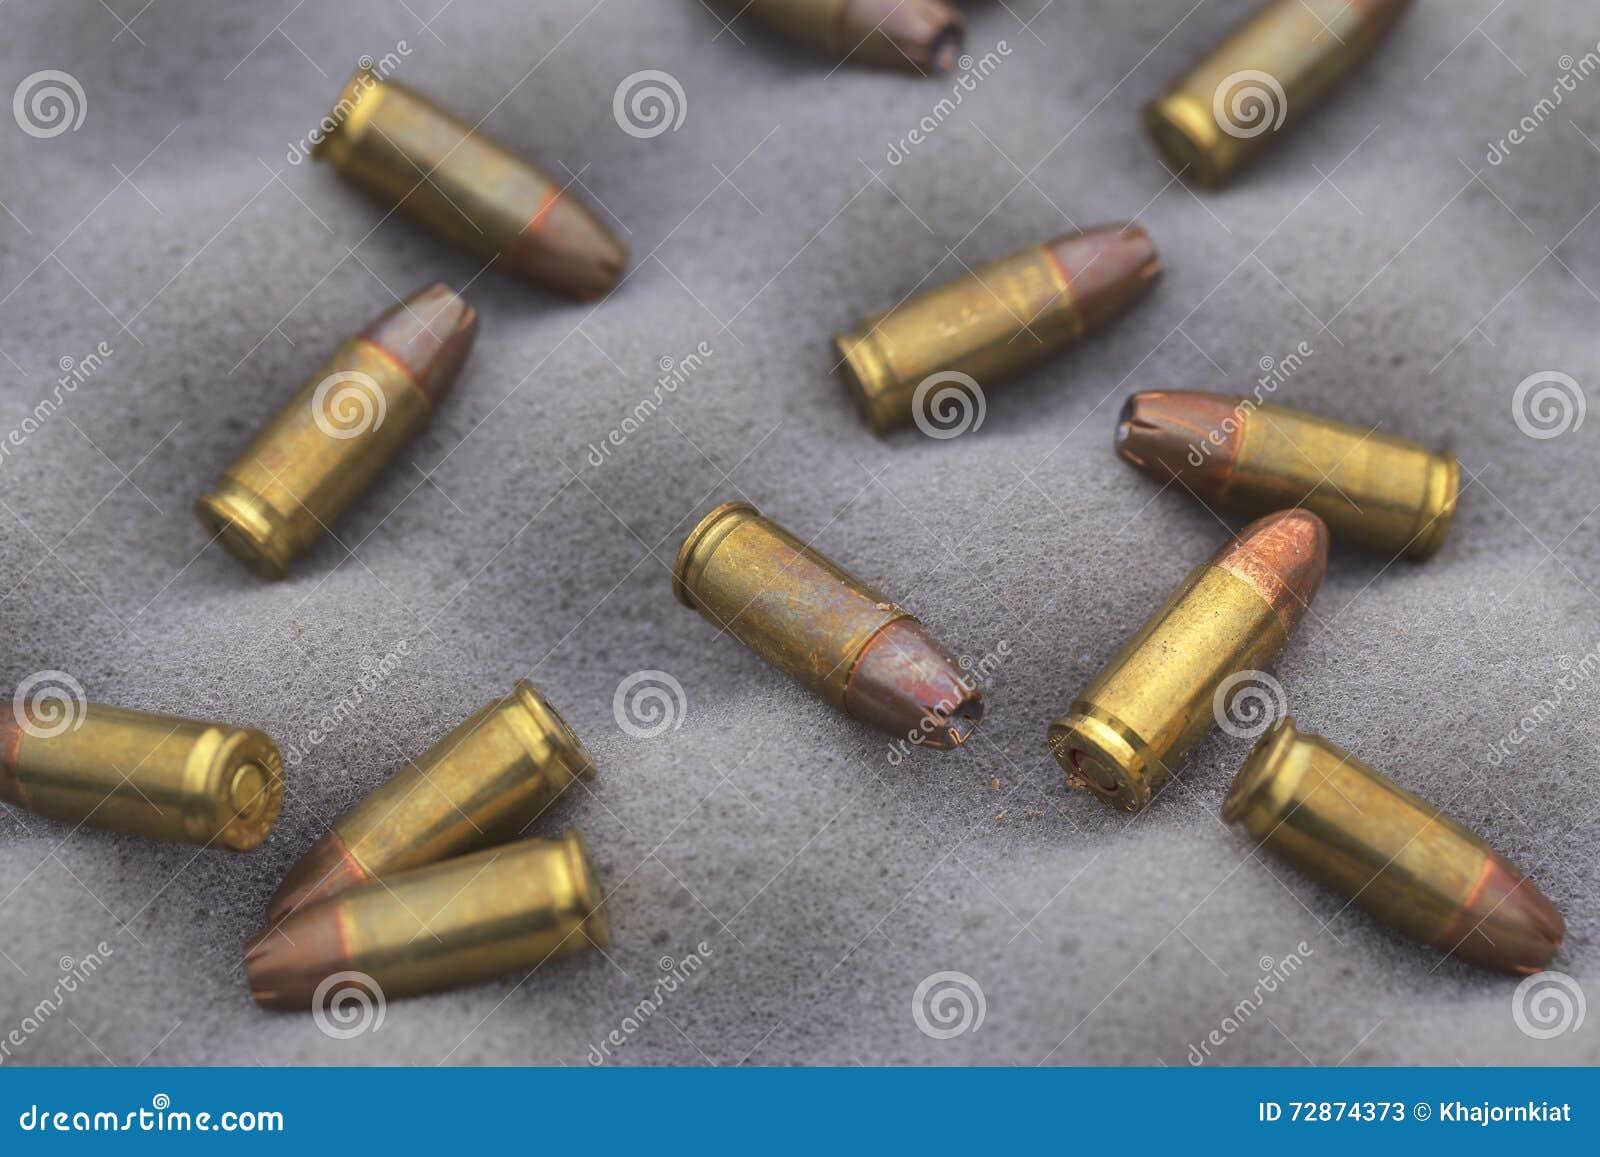 20 mm ammunition stock image. Image of slow, motion, armoury   20